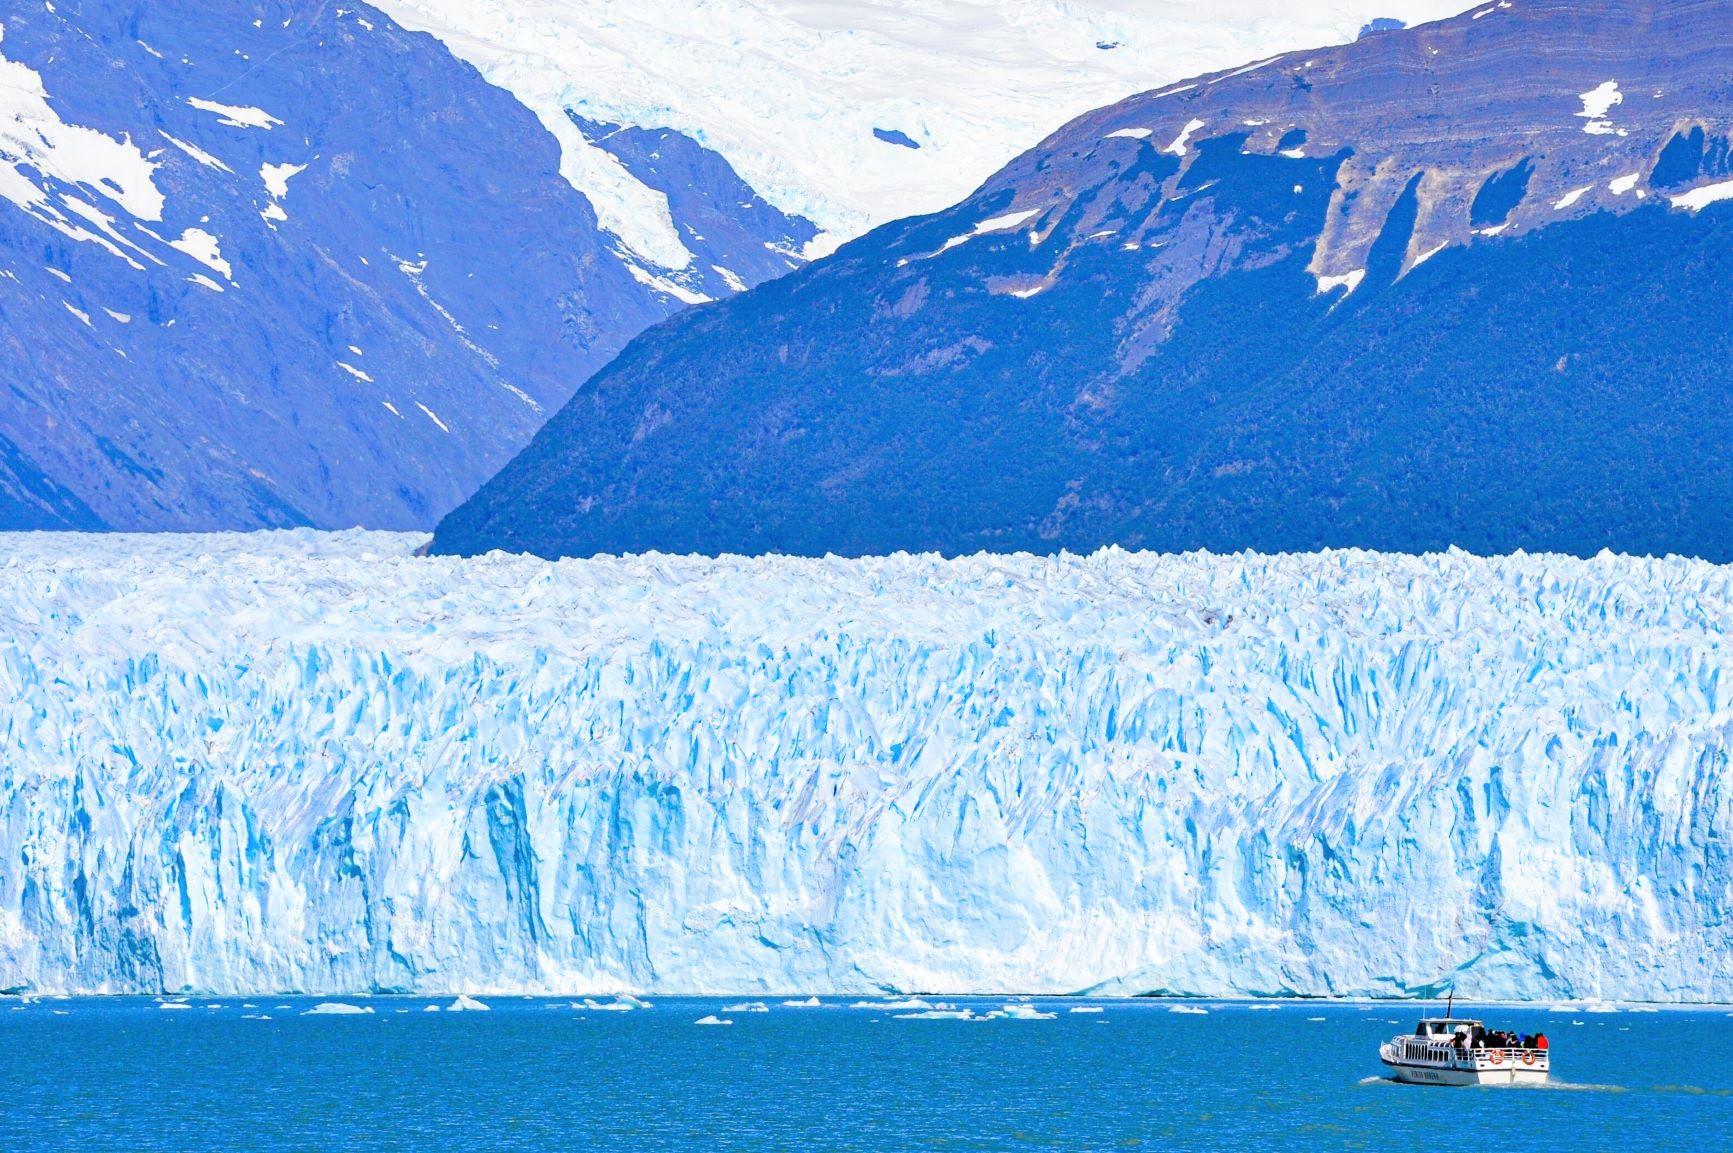 圧倒的スケールのペリト・モレノ氷河を眼前にクルーズを楽しむ